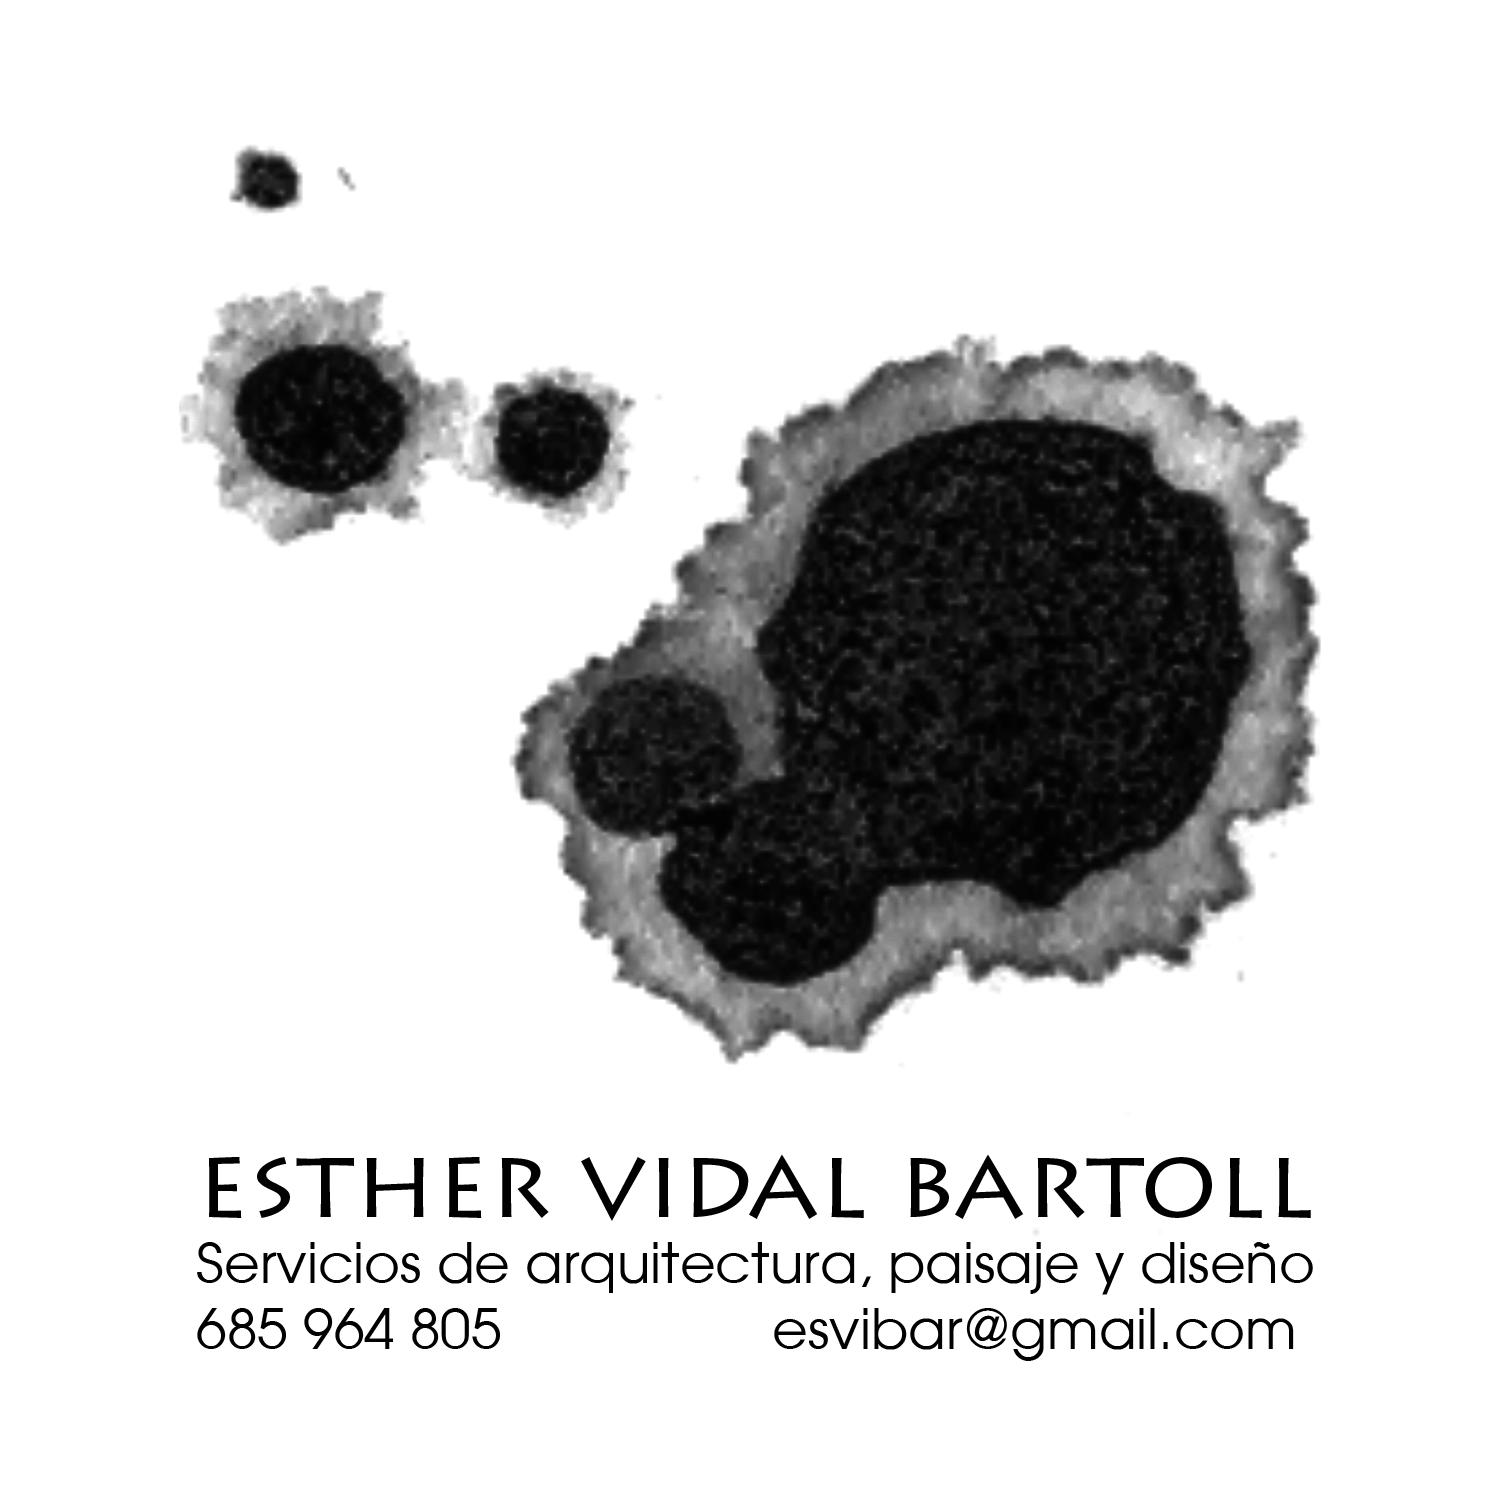 Esther vidal bartoll servicios de arquitectura, paisaje y diseño